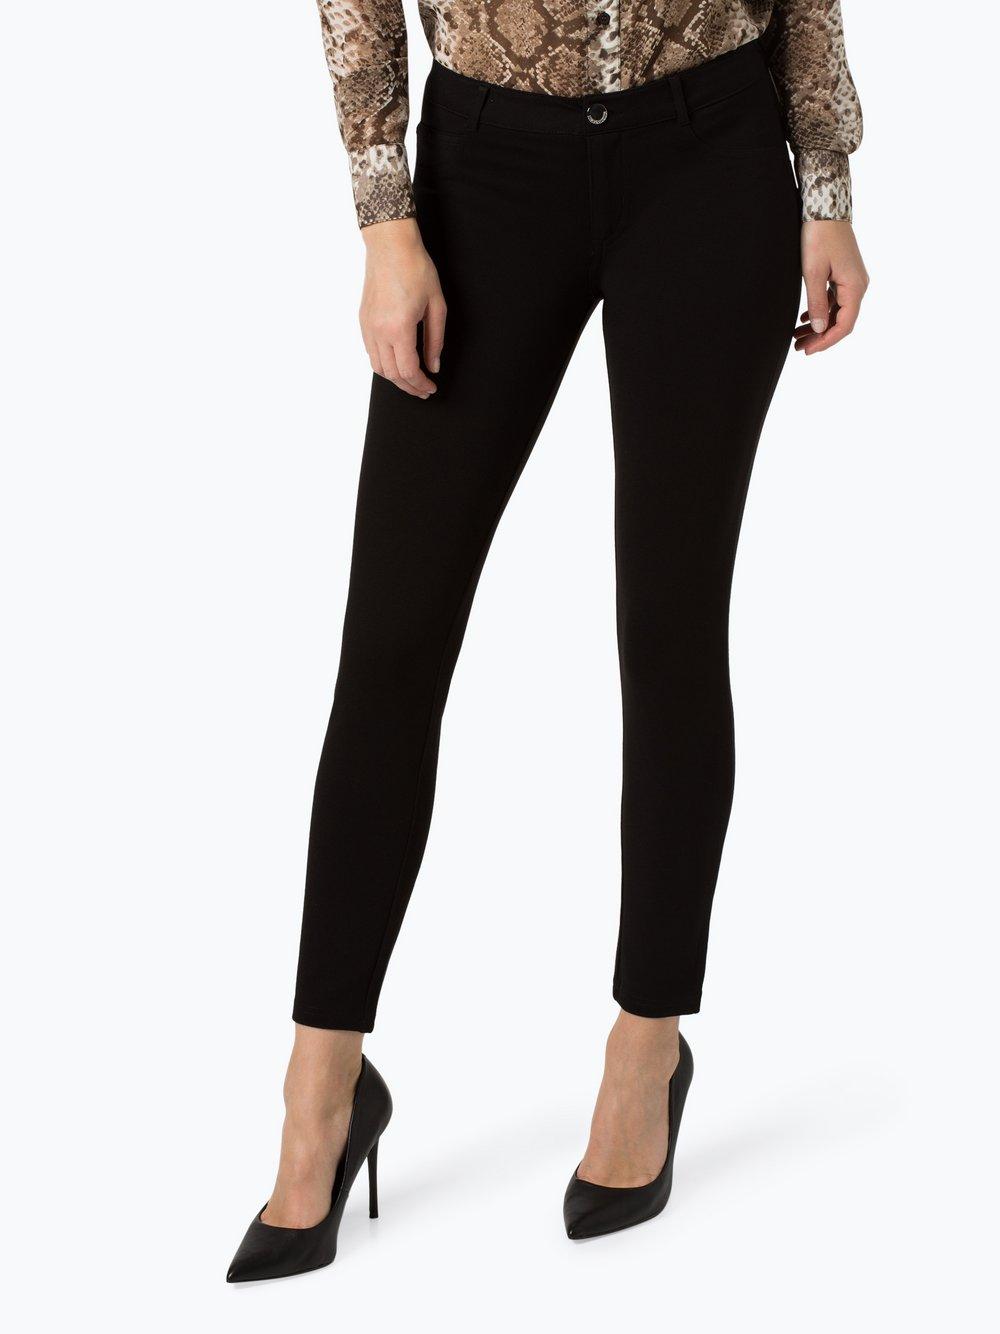 Guess Jeans - Spodnie damskie, czarny